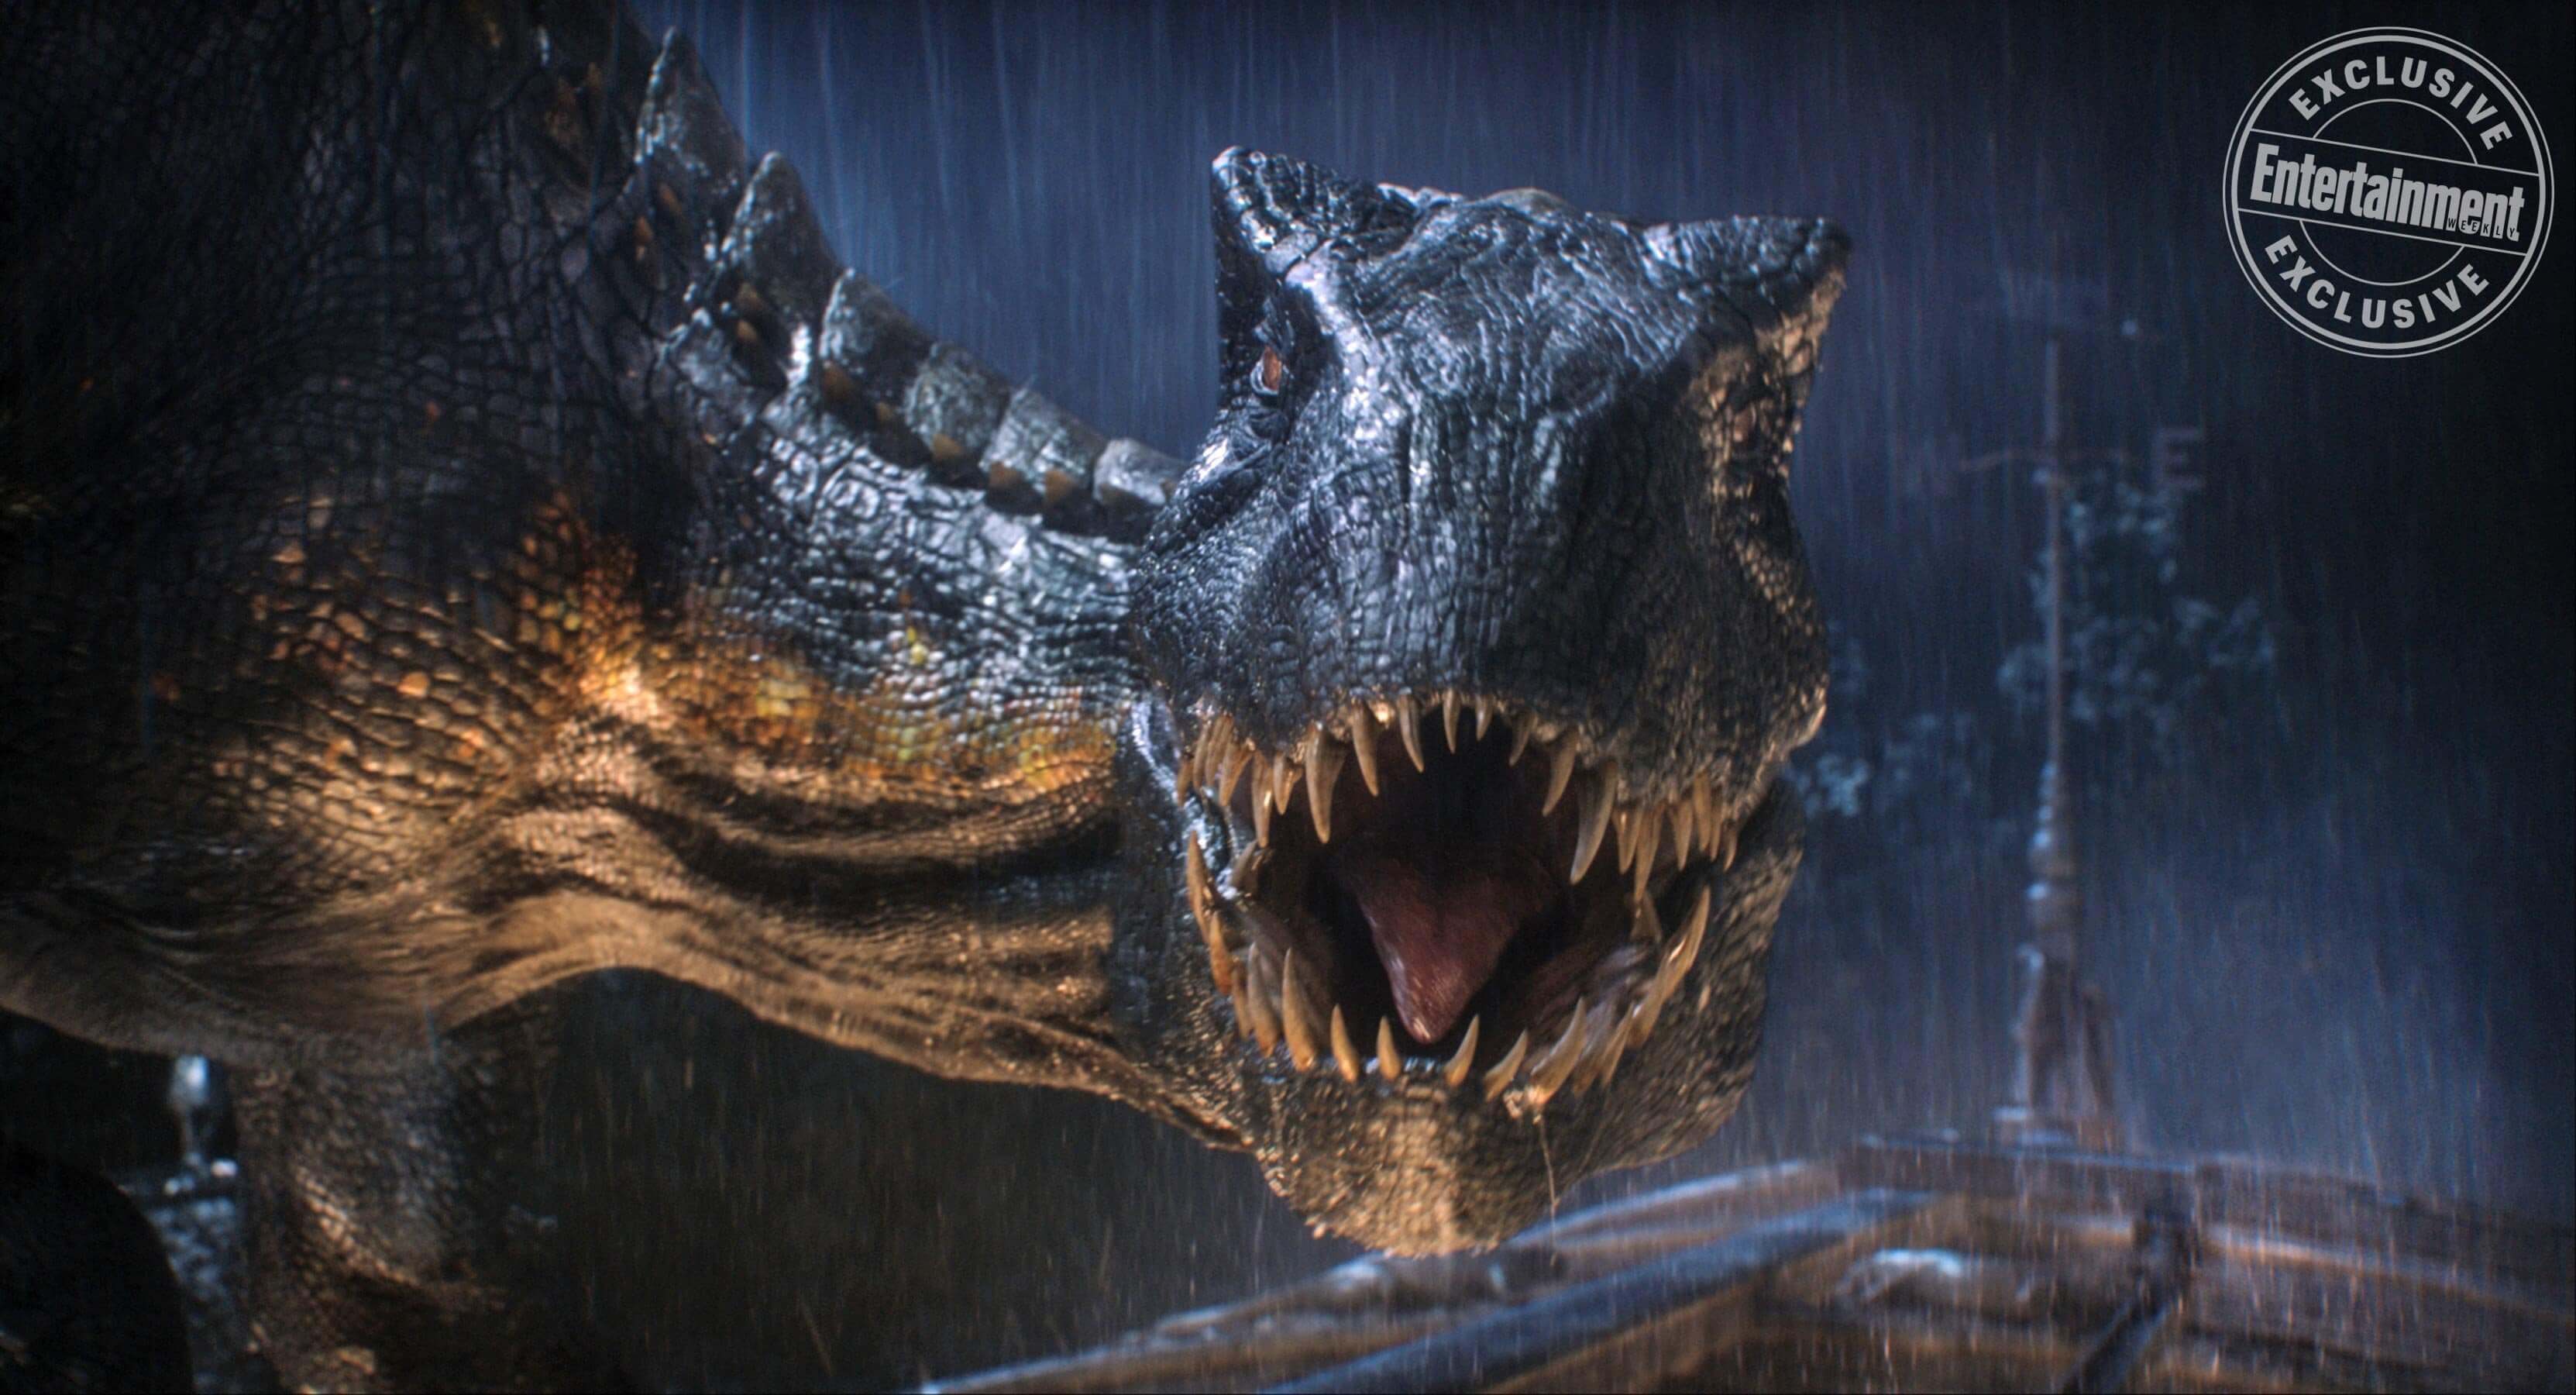 Jurassic World: Reino Ameaçado | Chris Pratt aparece com dinossauro em nova capa